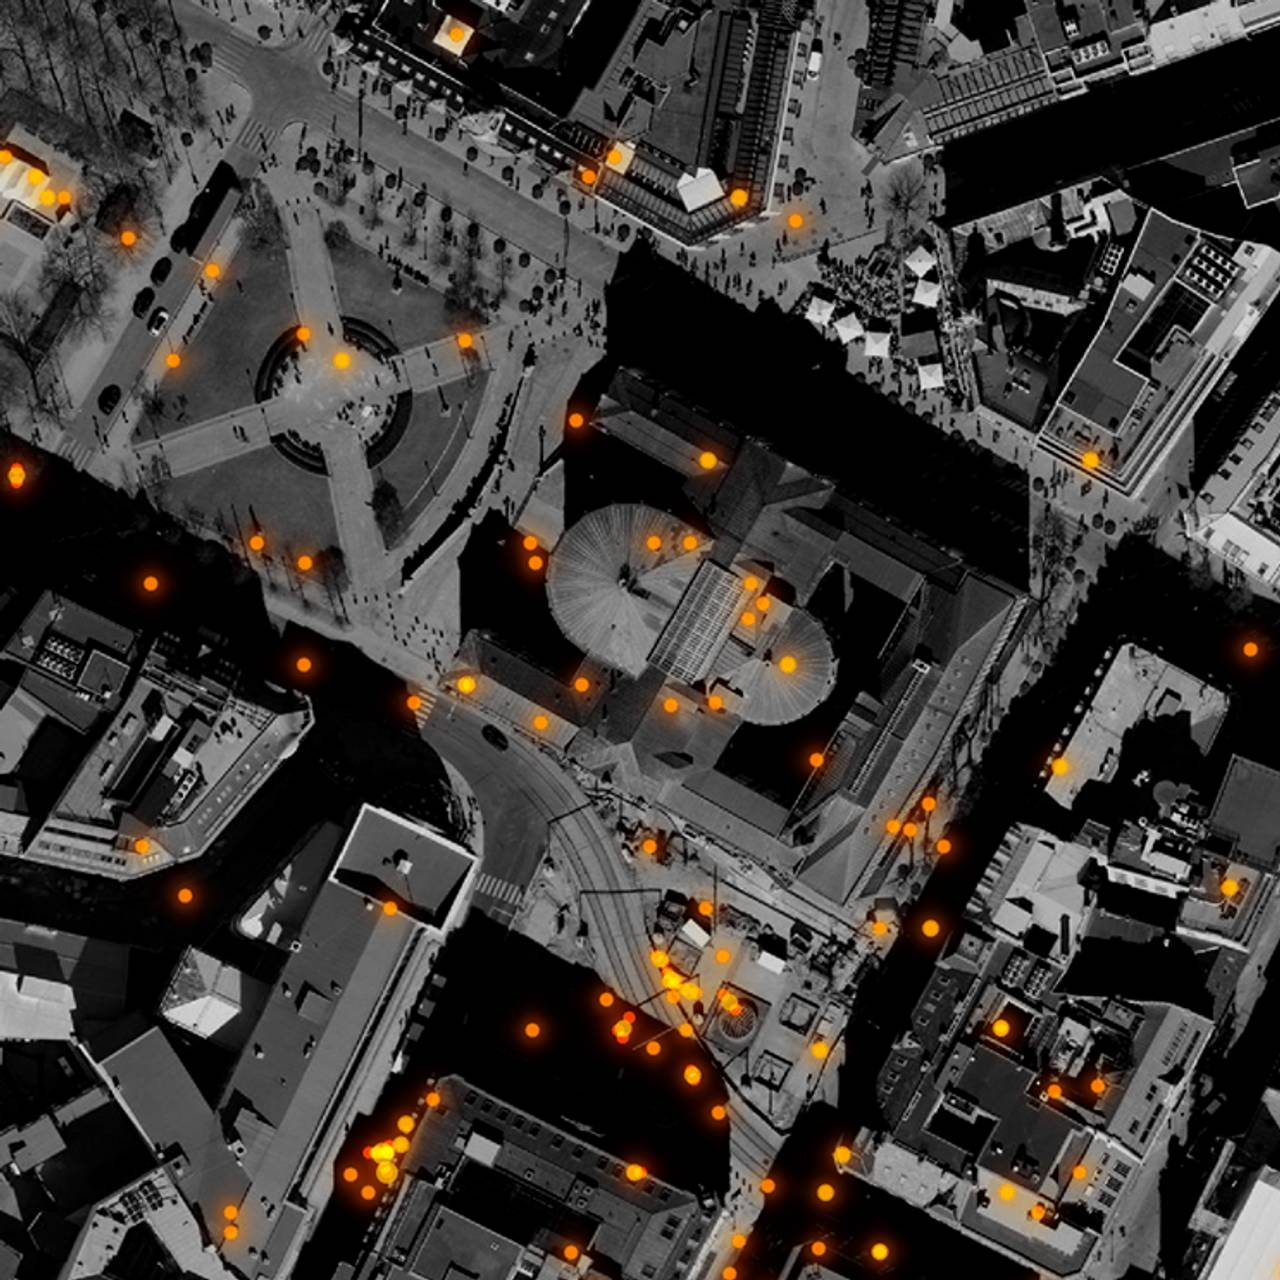 Flyfoto som viser mobilposisjoneringer i området rundt Stortinget